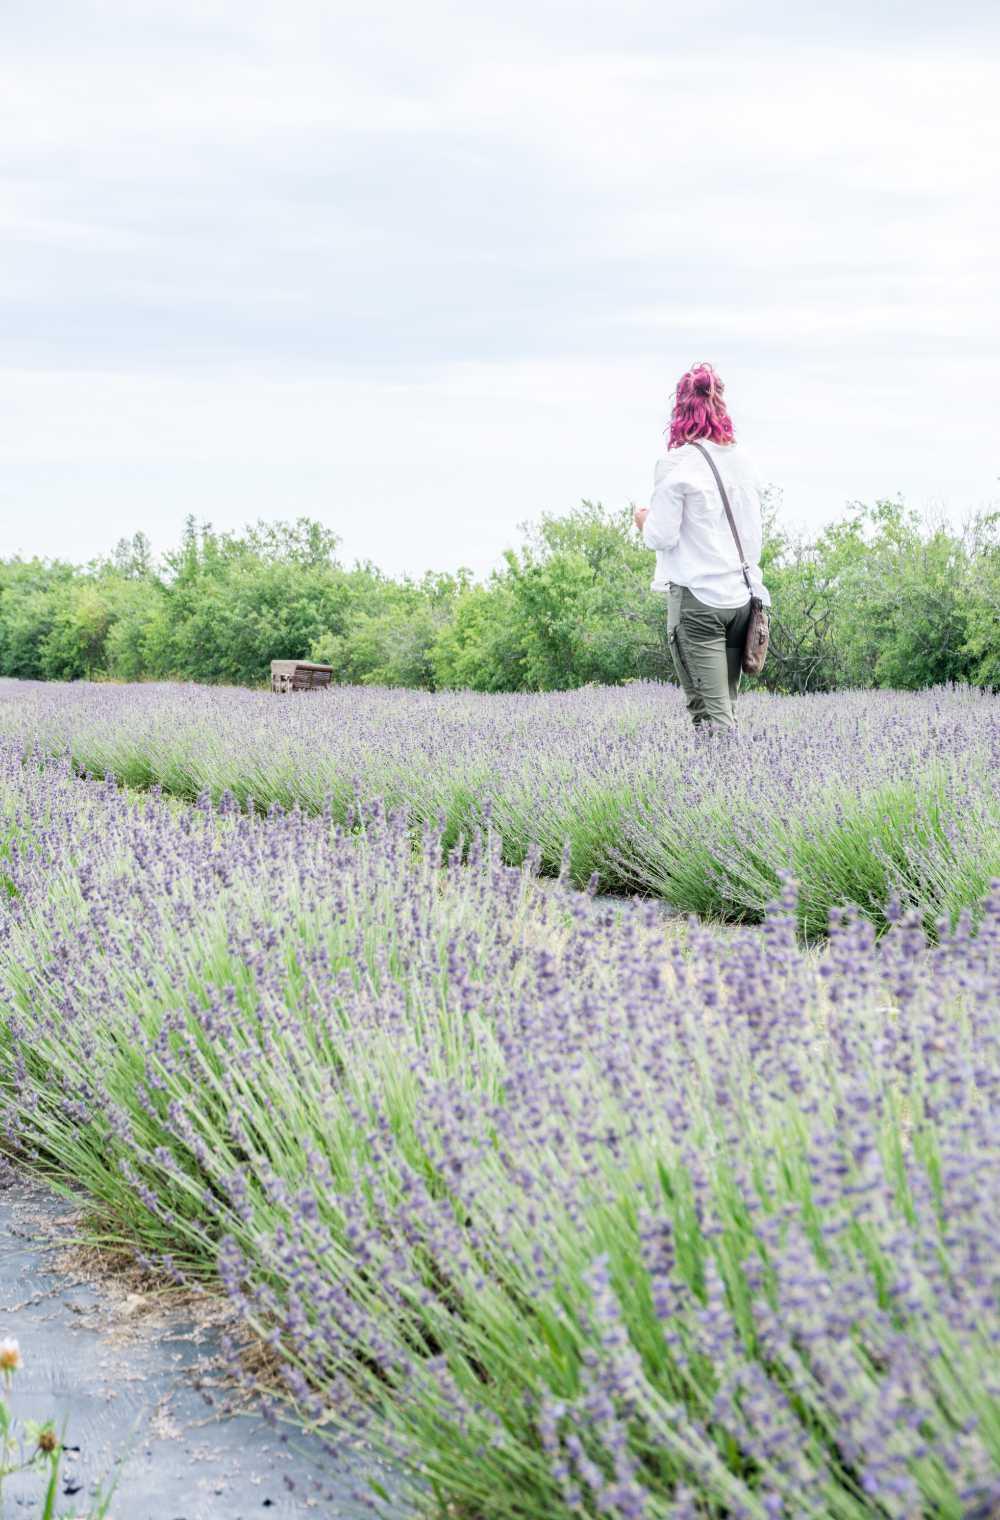 Woman walking in lavender field in Prince Edward County